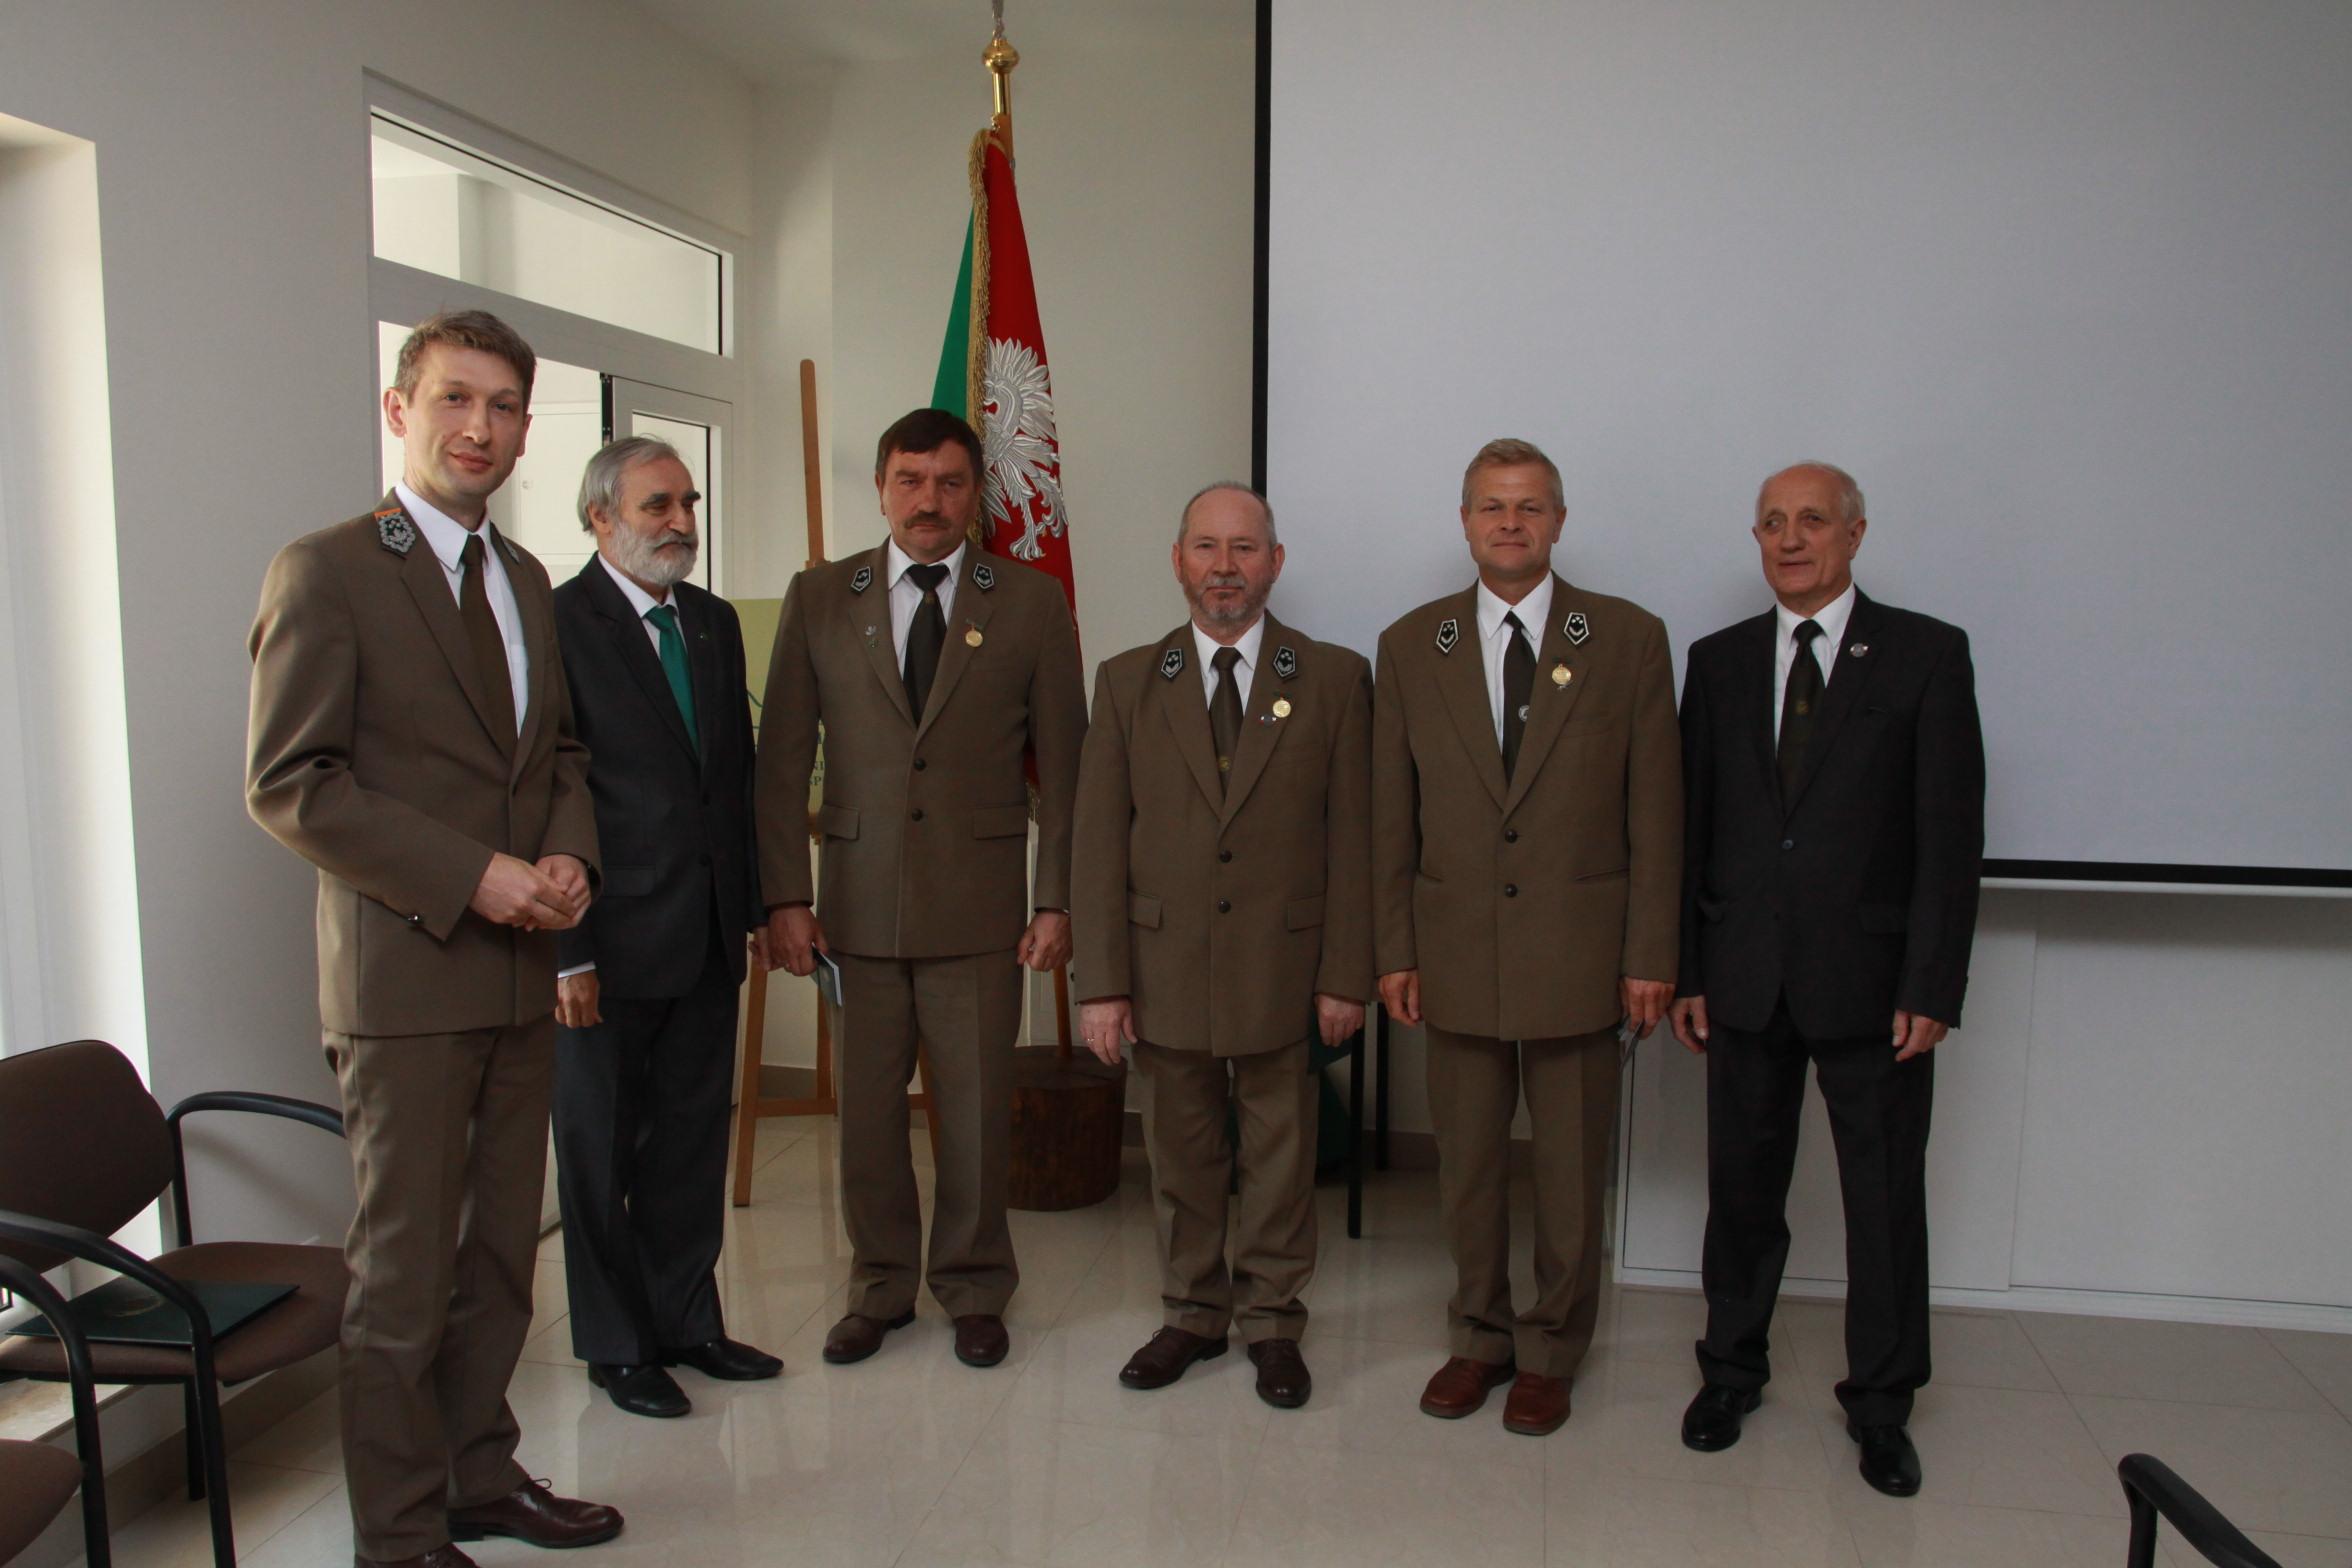 7 Złote Odznaki - G.Baniak, L.Kilanowski, J.Świgoń